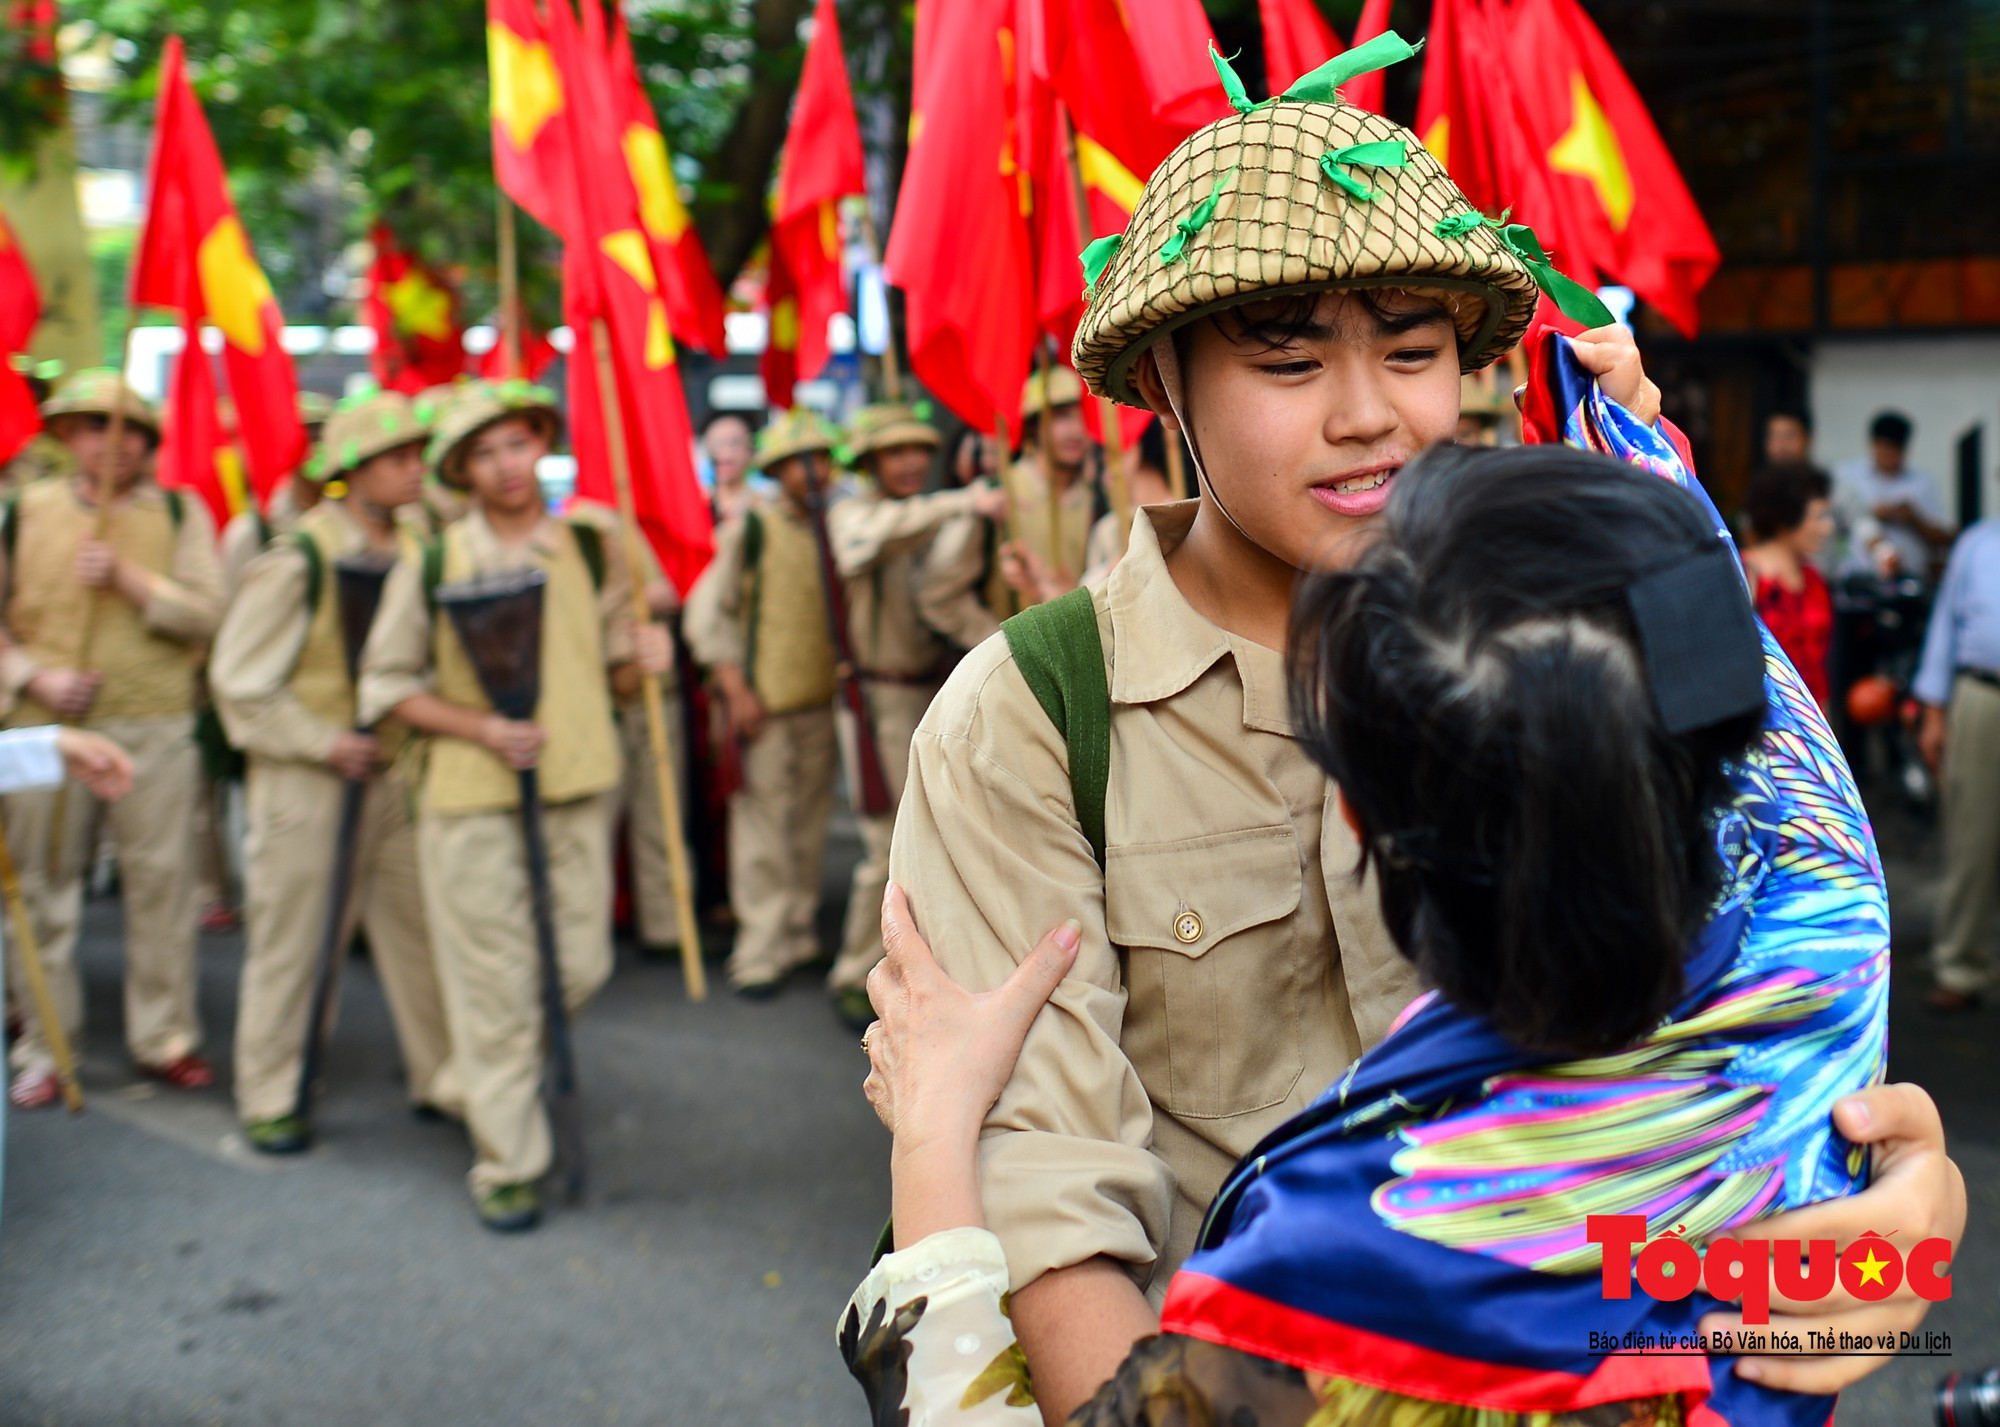 Tái hiện ký ức hào hùng đoàn quân chiến thắng trở về tiếp quản thủ đô Hà Nội 65 năm trước 9